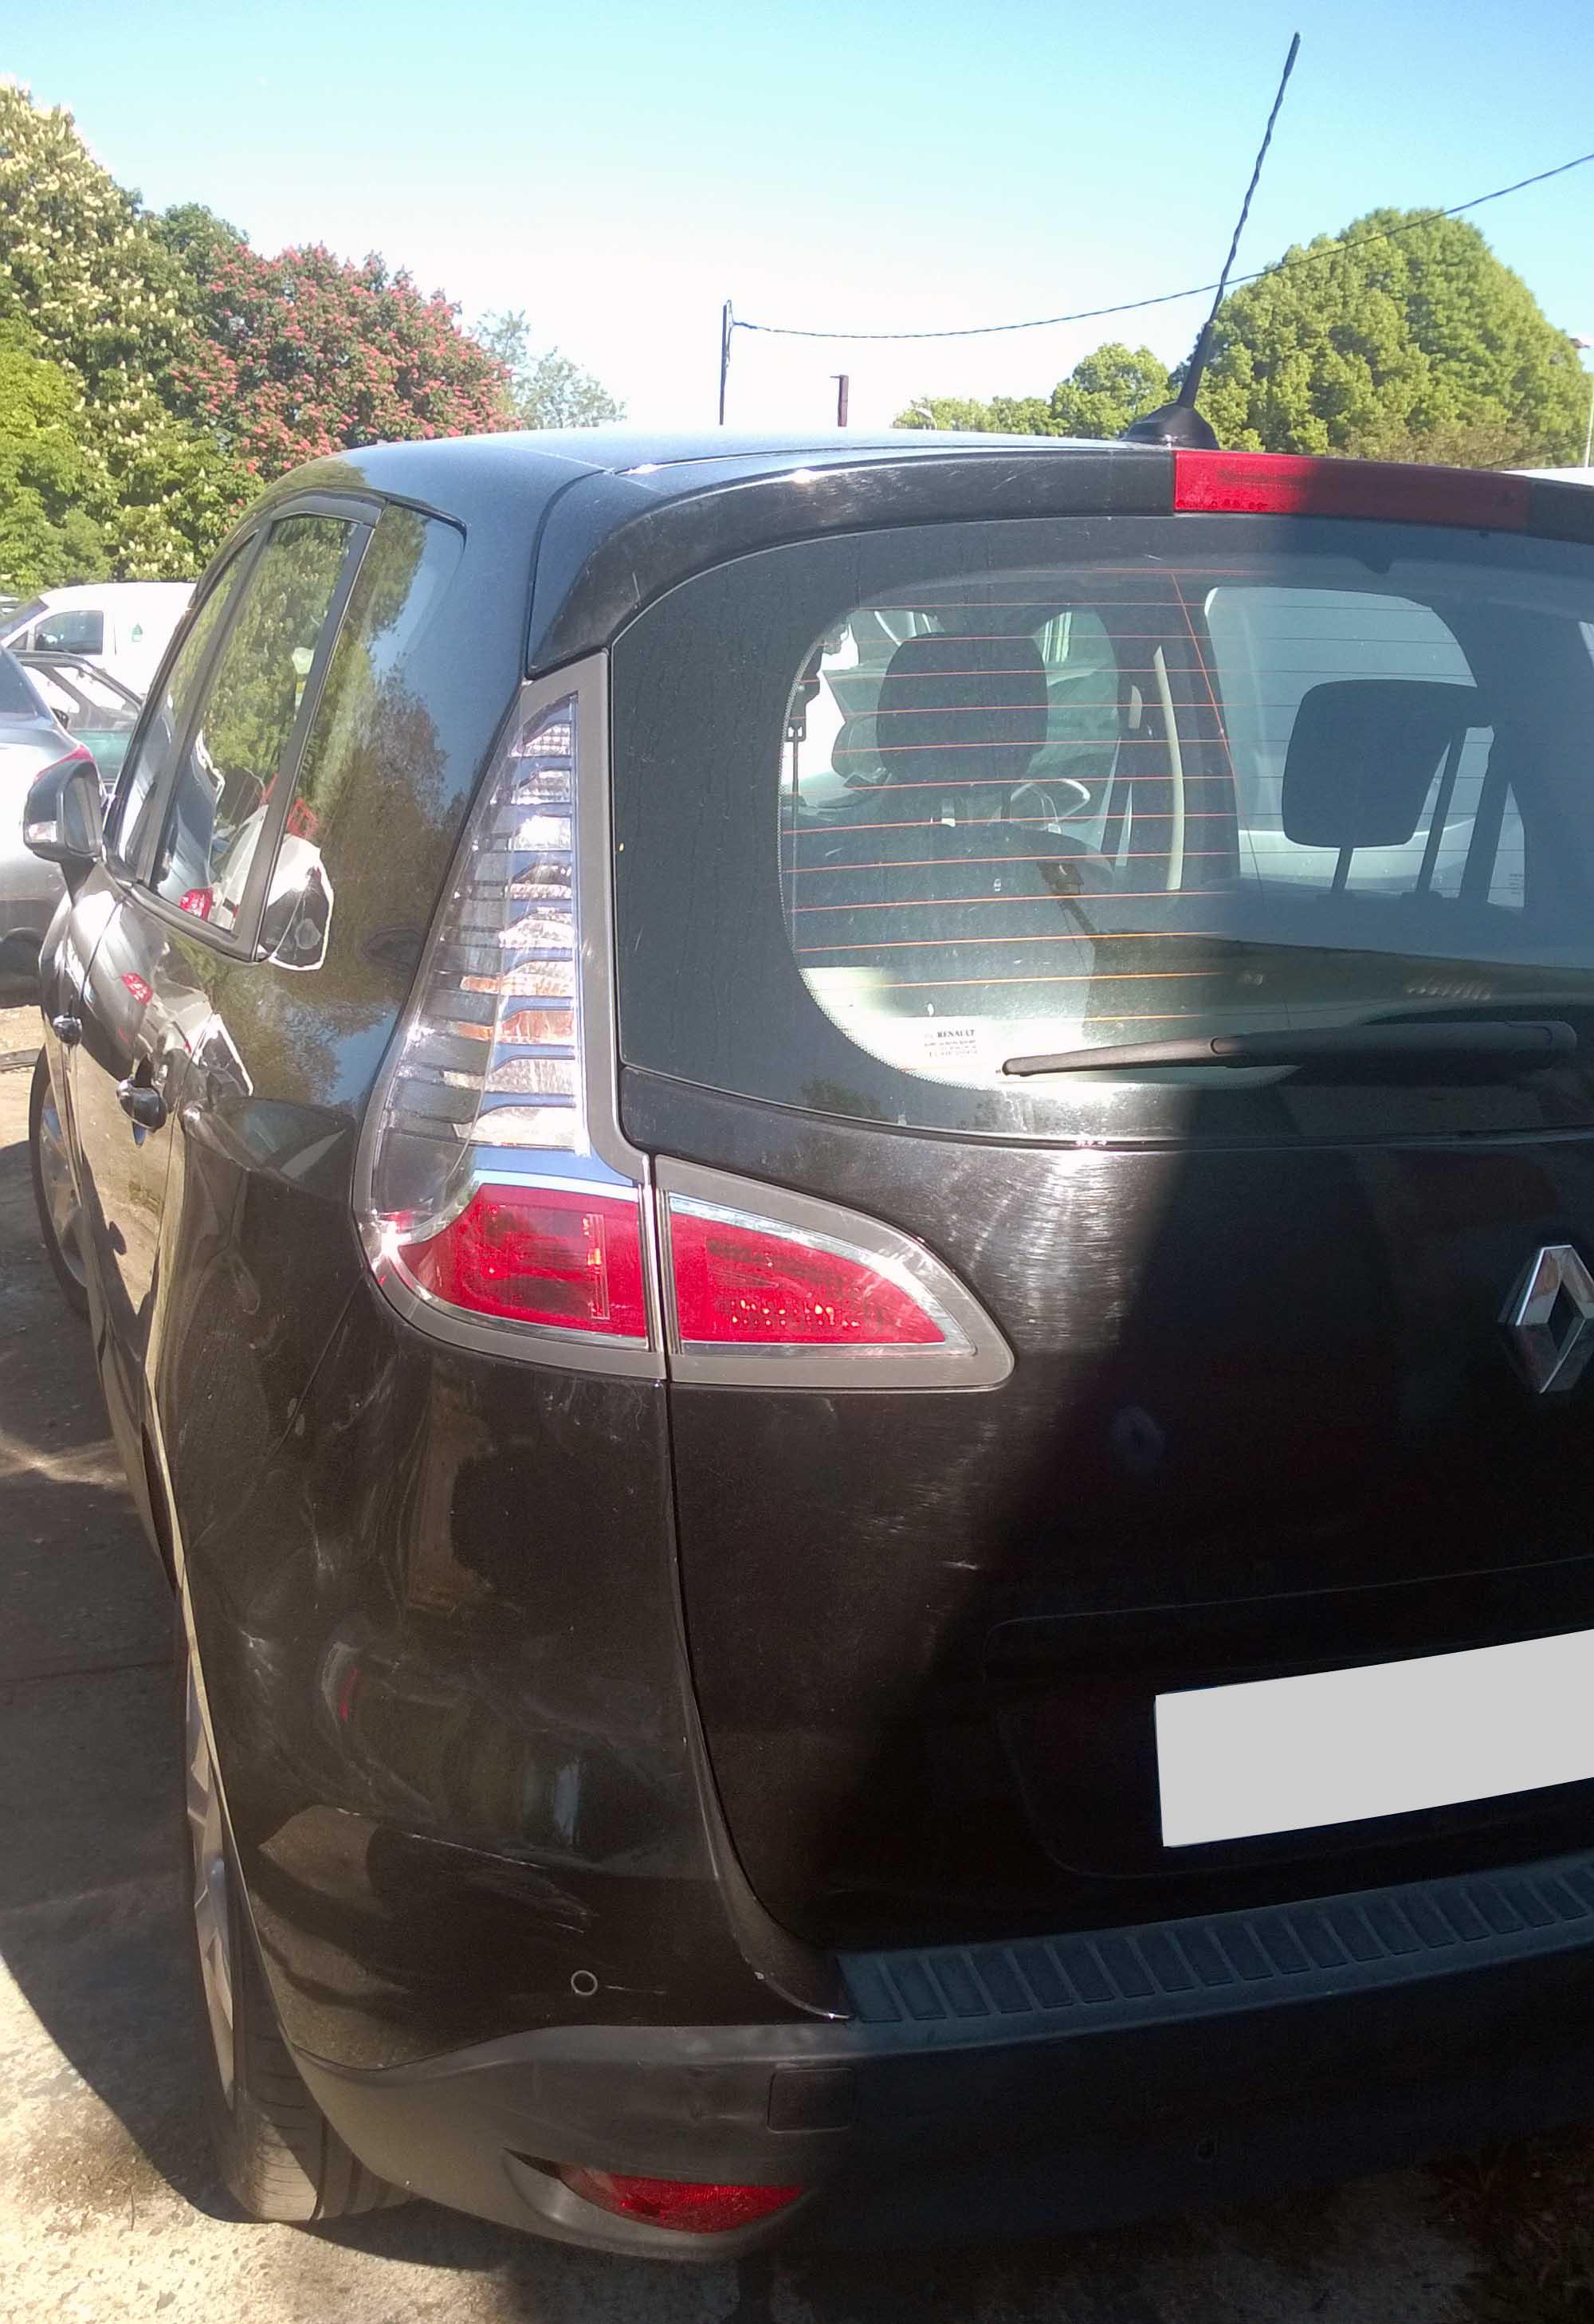 Renault Scénic accidenté RSV/ VEI